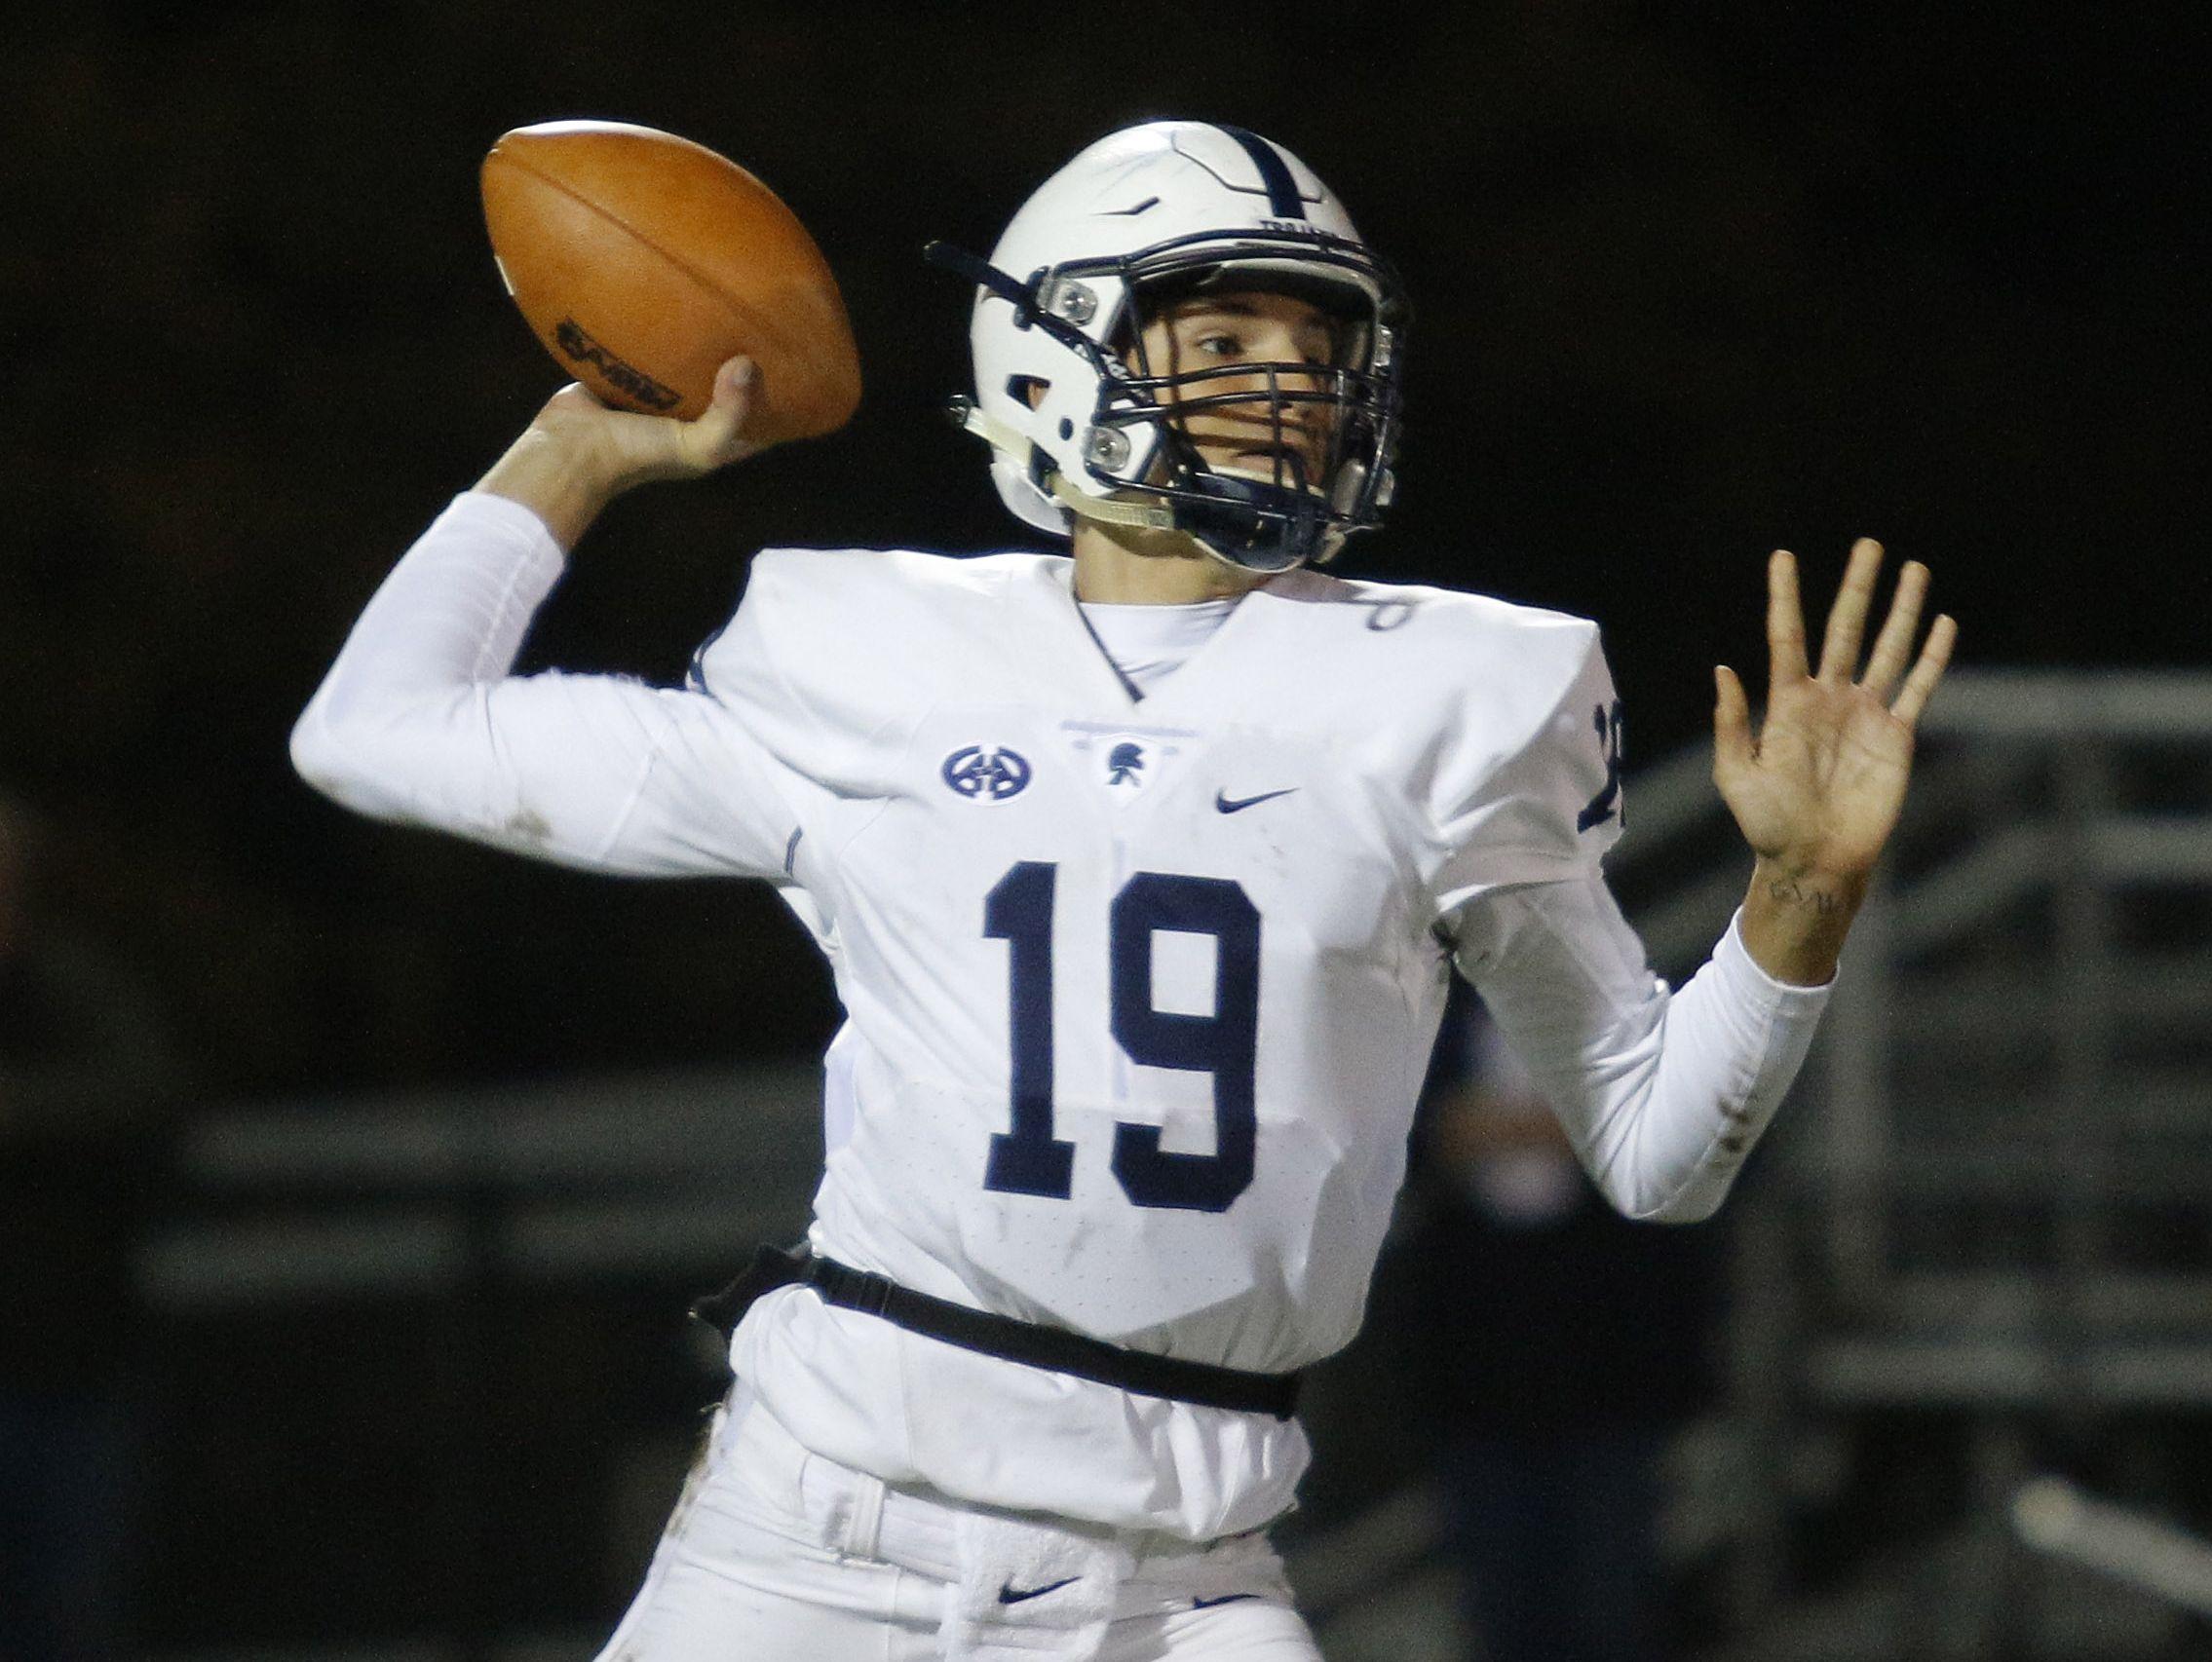 East Lansing quarterback Hunter Helmic throws a pass for a touchdown against DeWitt Friday, Oct. 28, 2016, in DeWitt, Mich.